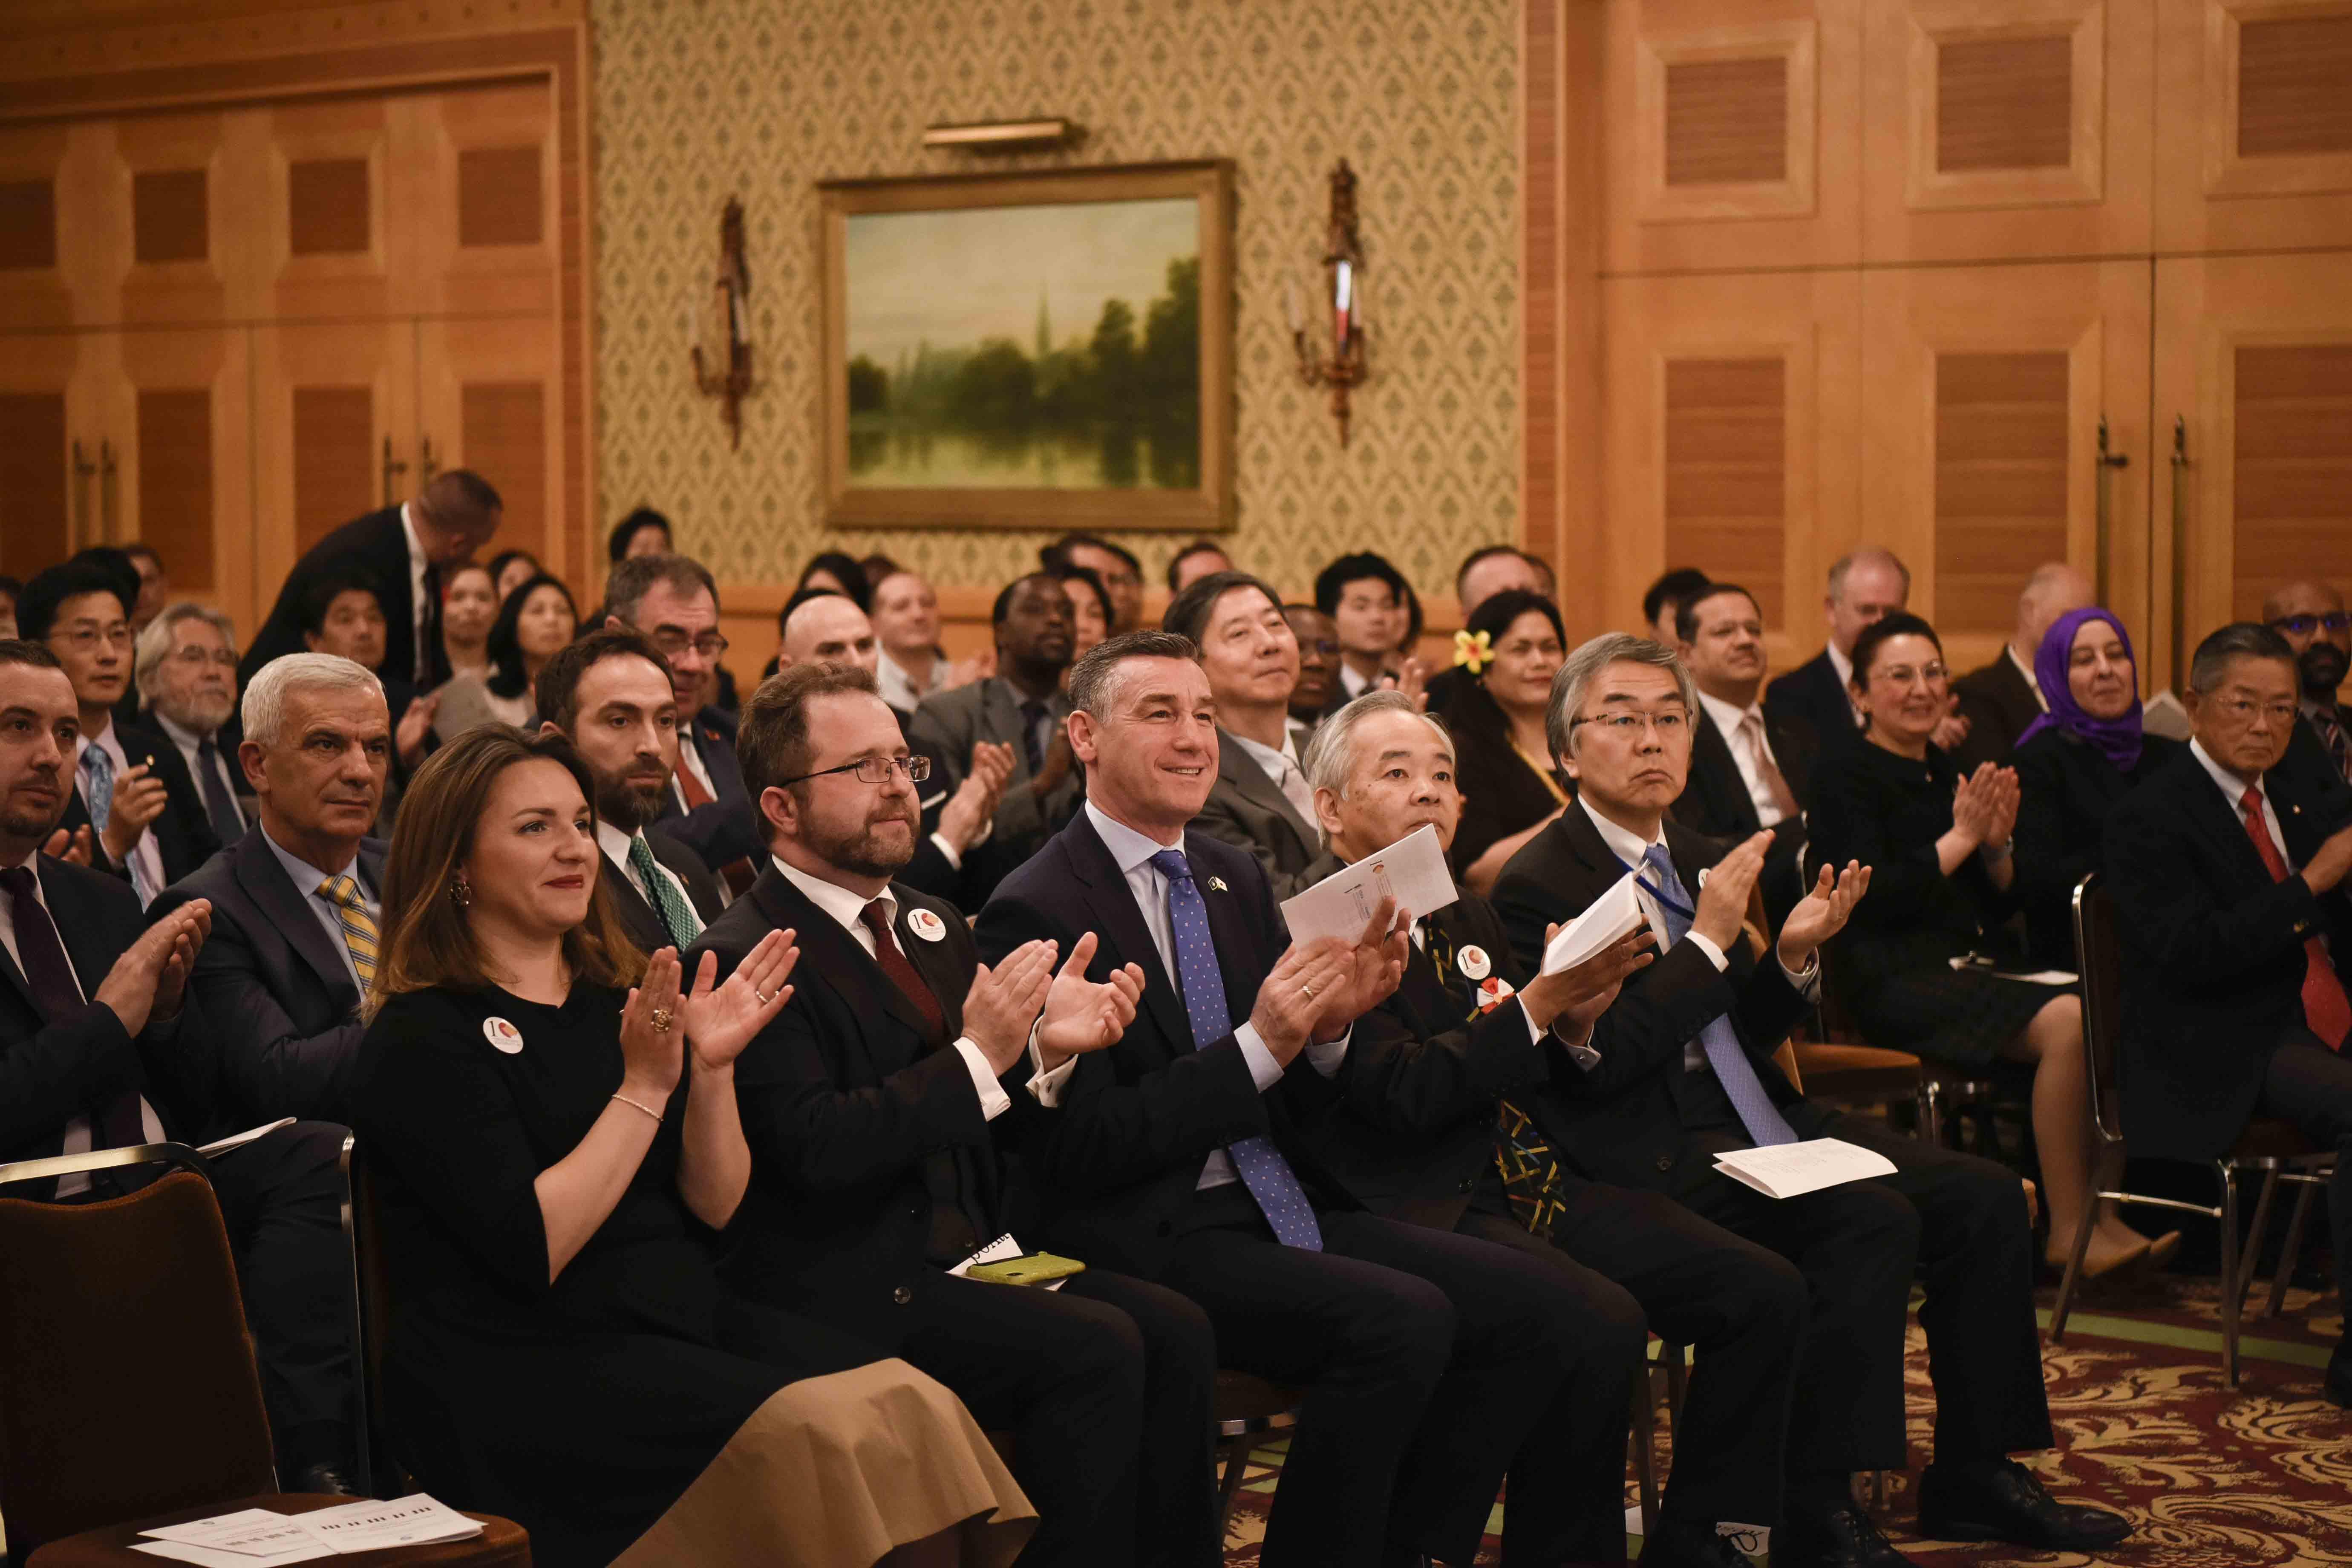 Veseli në Japoni: Miqësia e vërtetë nuk njeh distanca gjeografike dhe as barriera humane